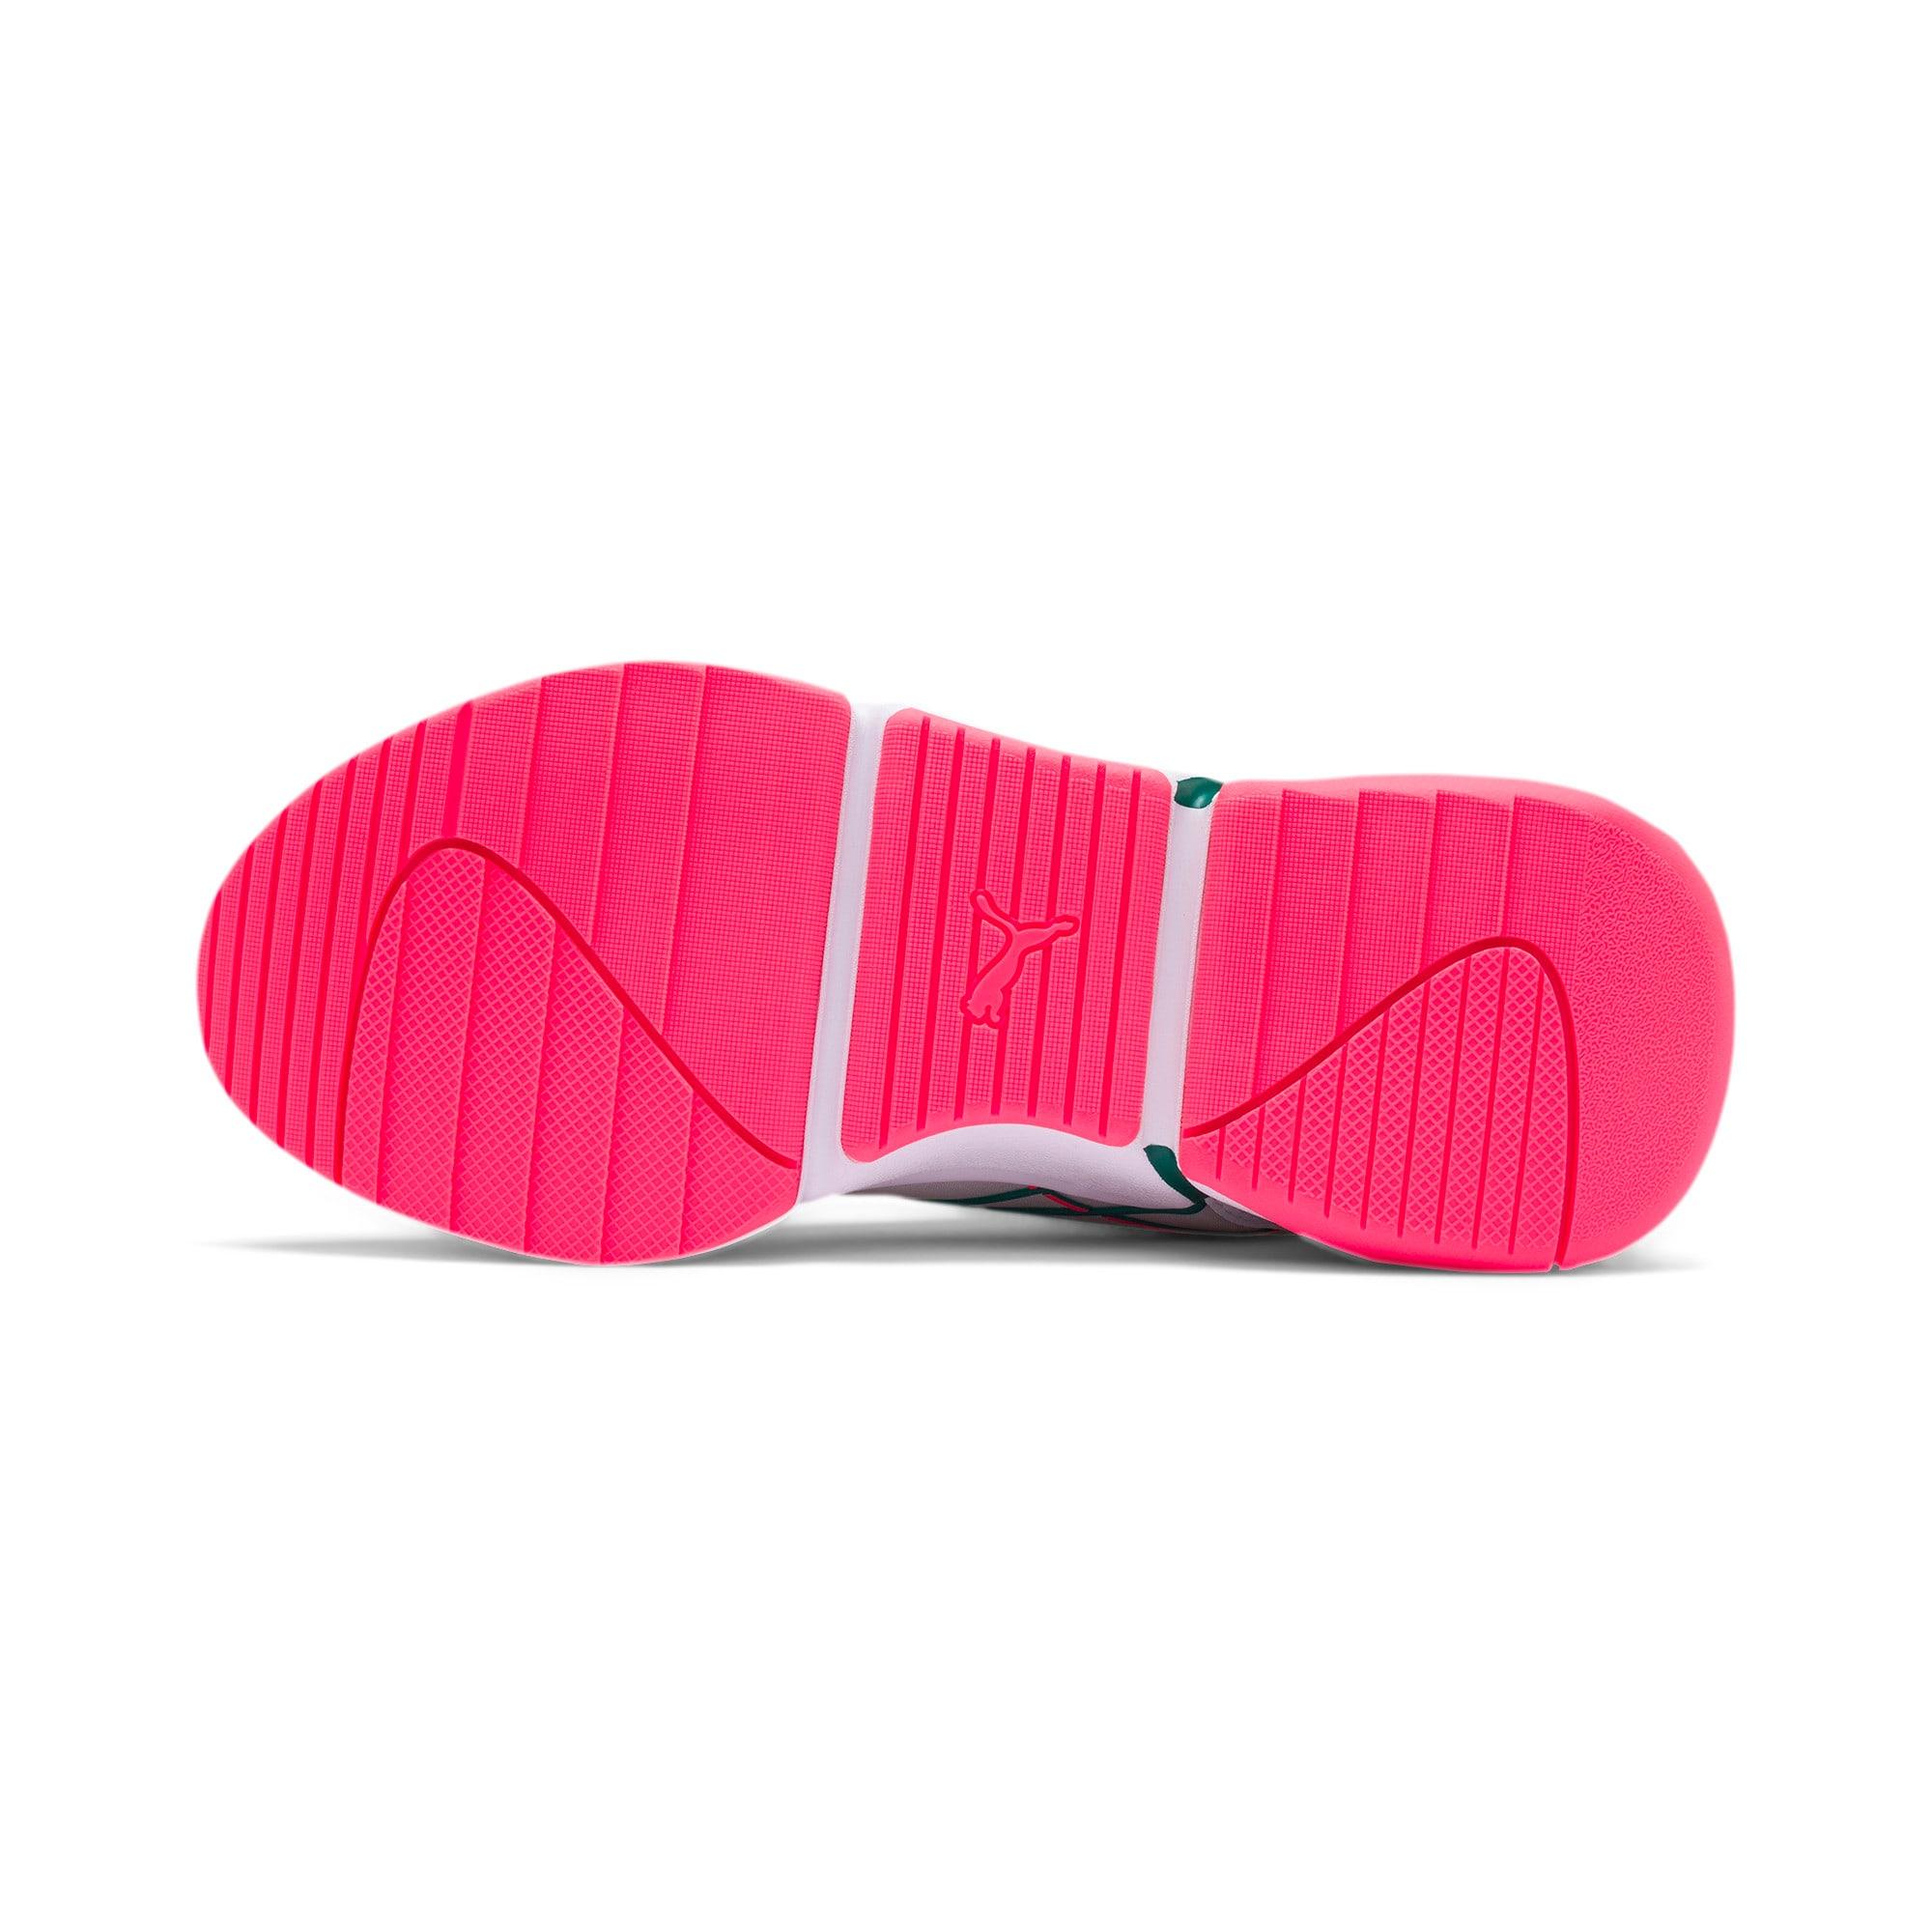 Imagen en miniatura 5 de Zapatillas de mujer Nova Hypertech IMEVA, Puma White, mediana